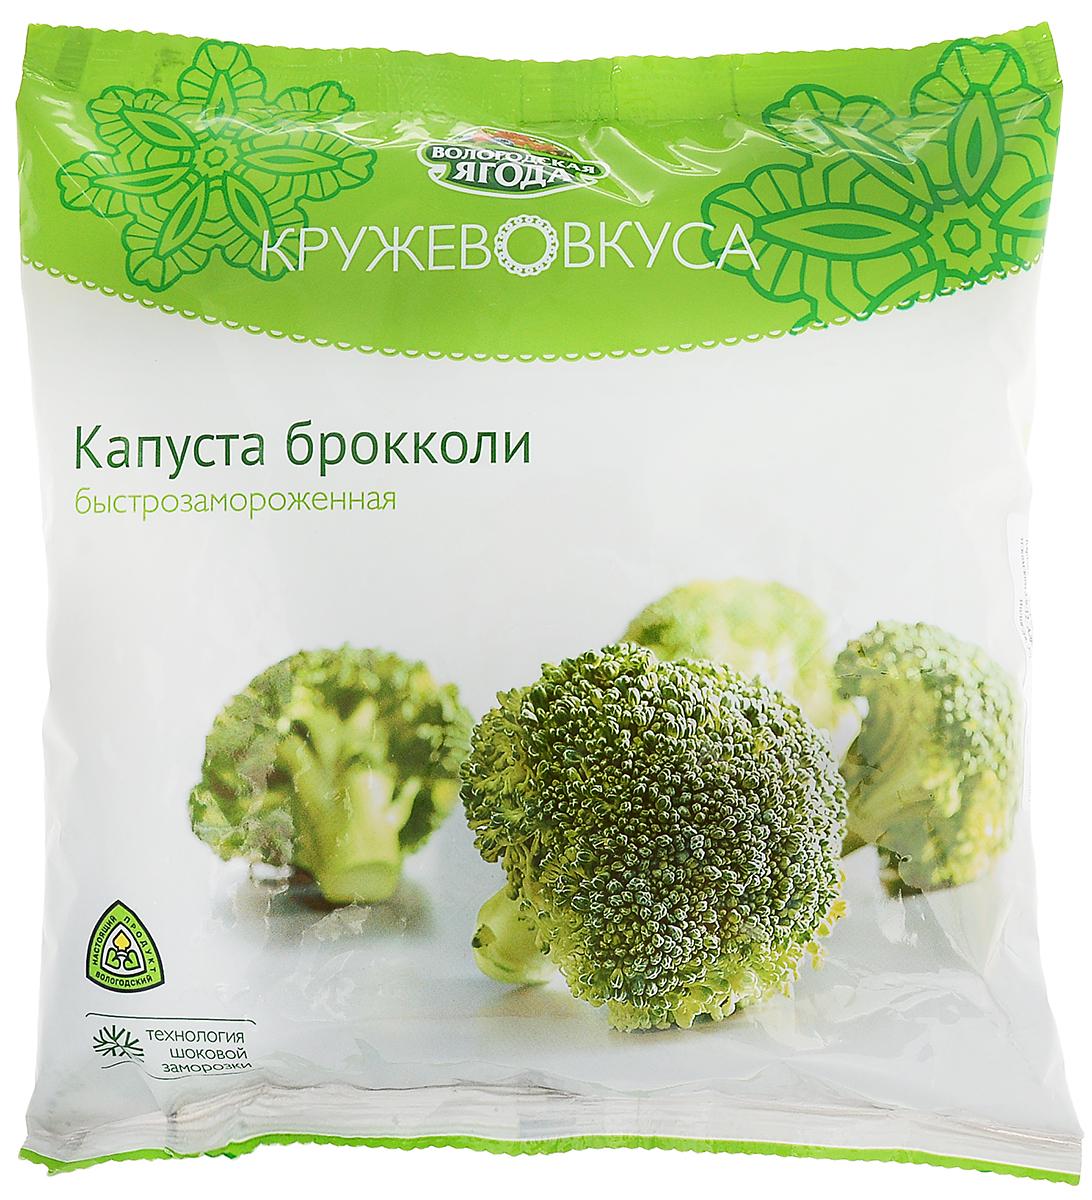 Кружево Вкуса Капуста брокколи, 400 г